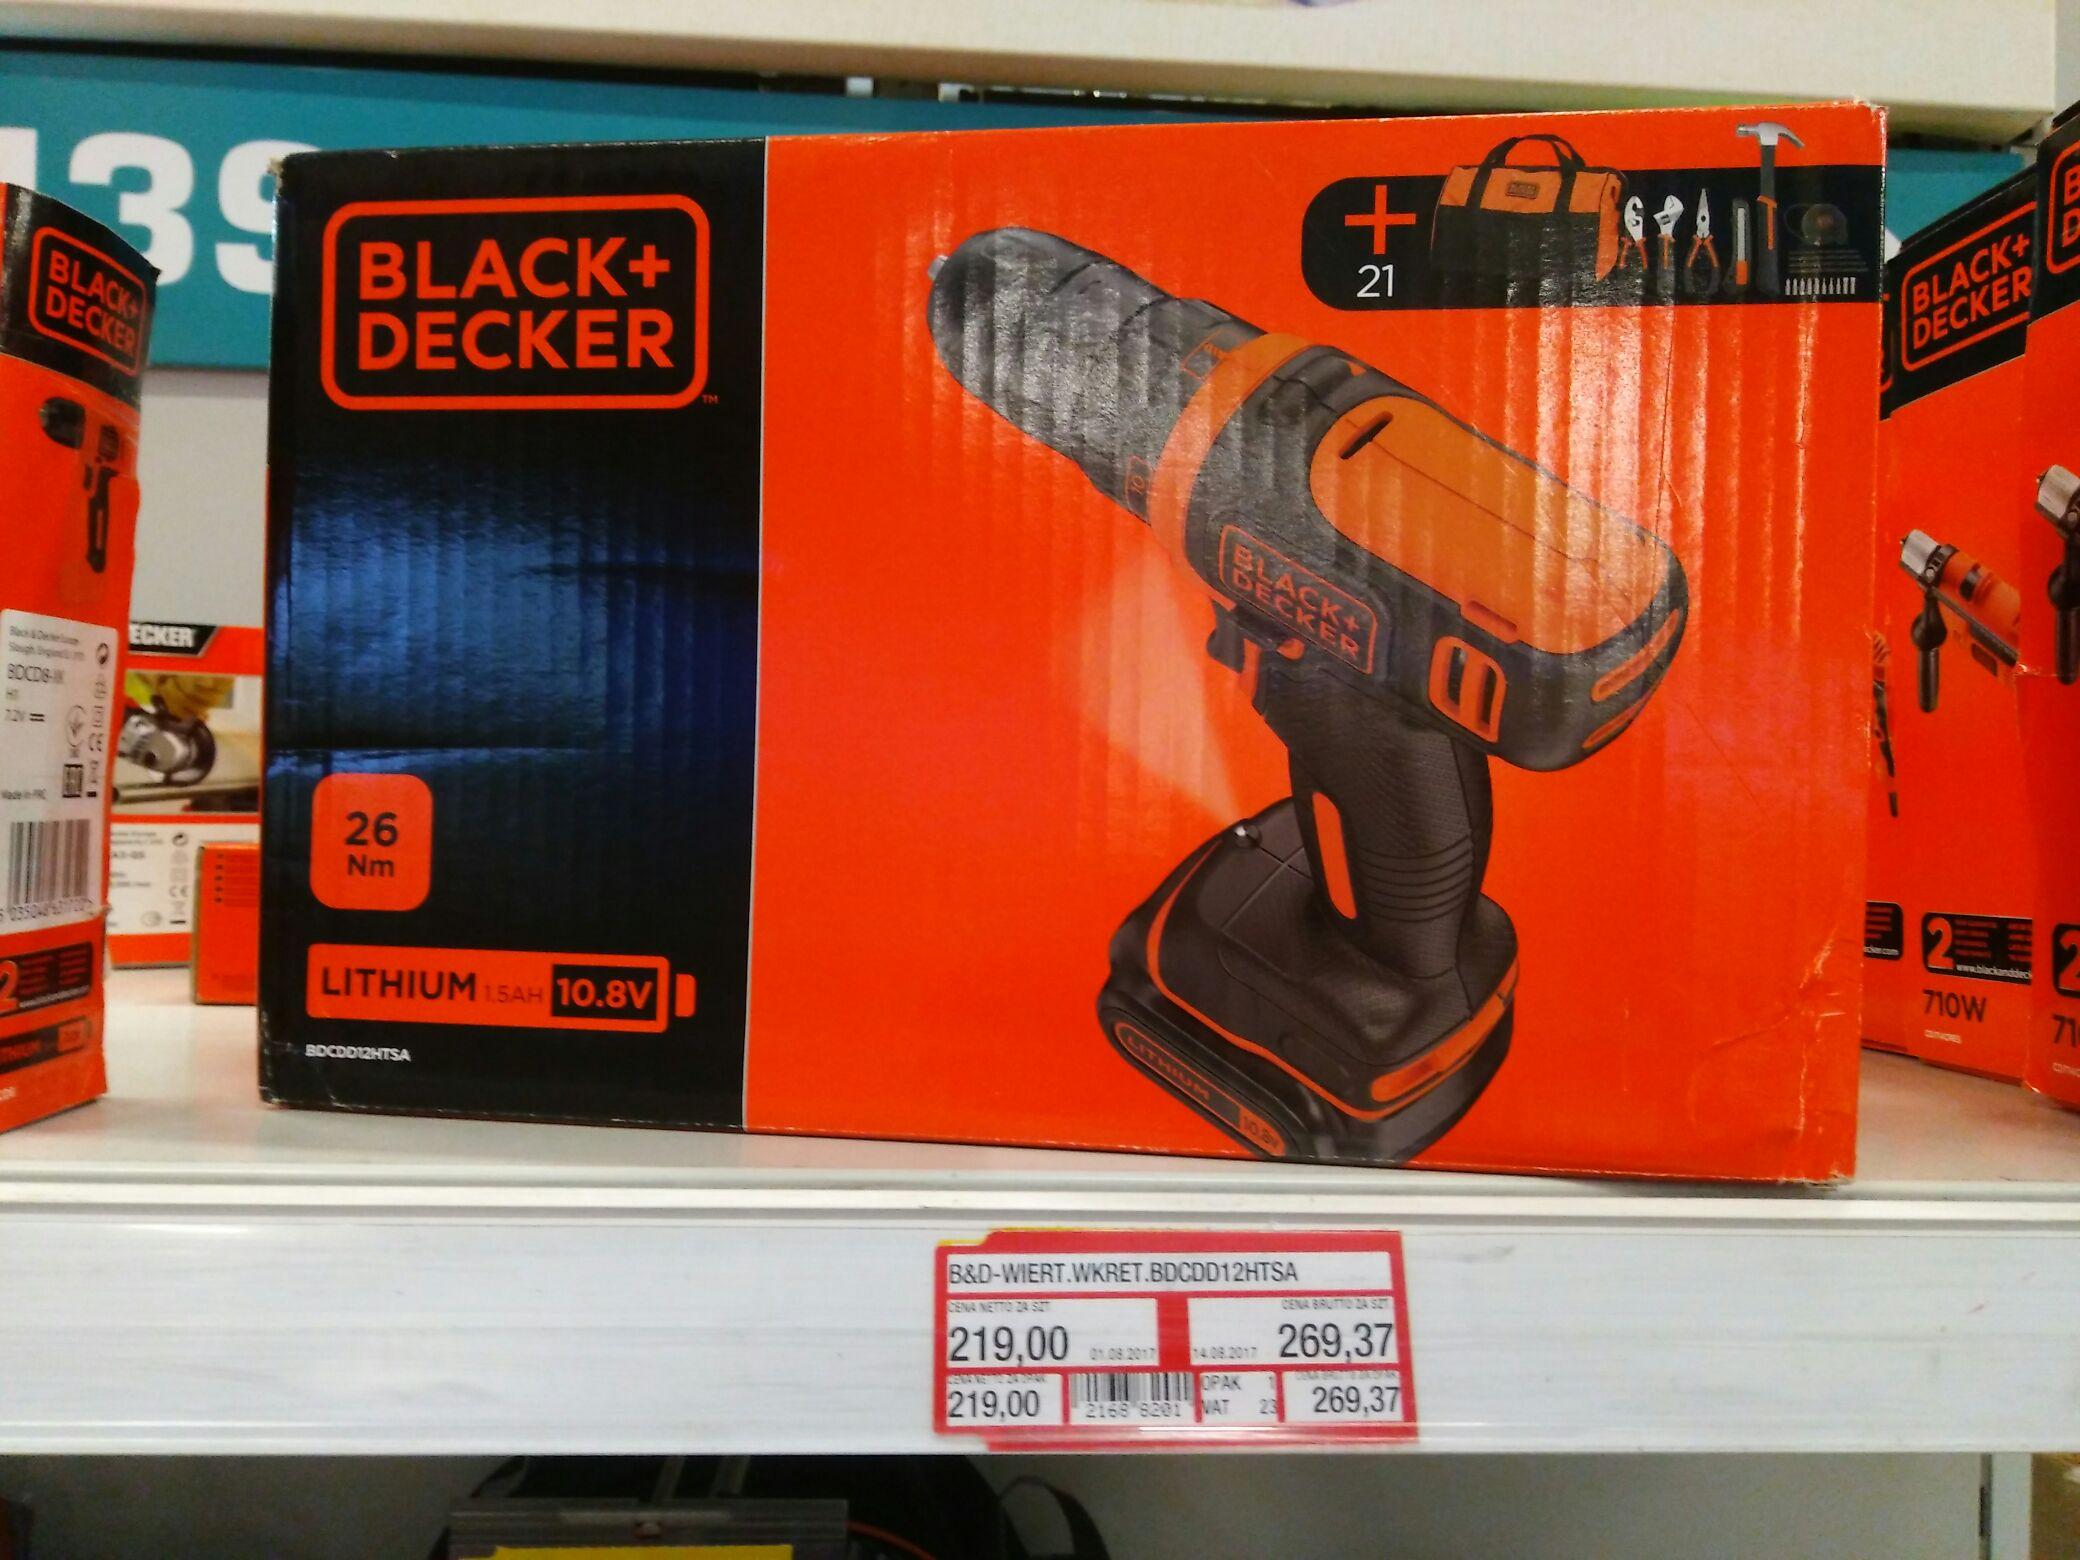 Wkrętarka Black&Decker BDCDD12HTSA + narzędzia